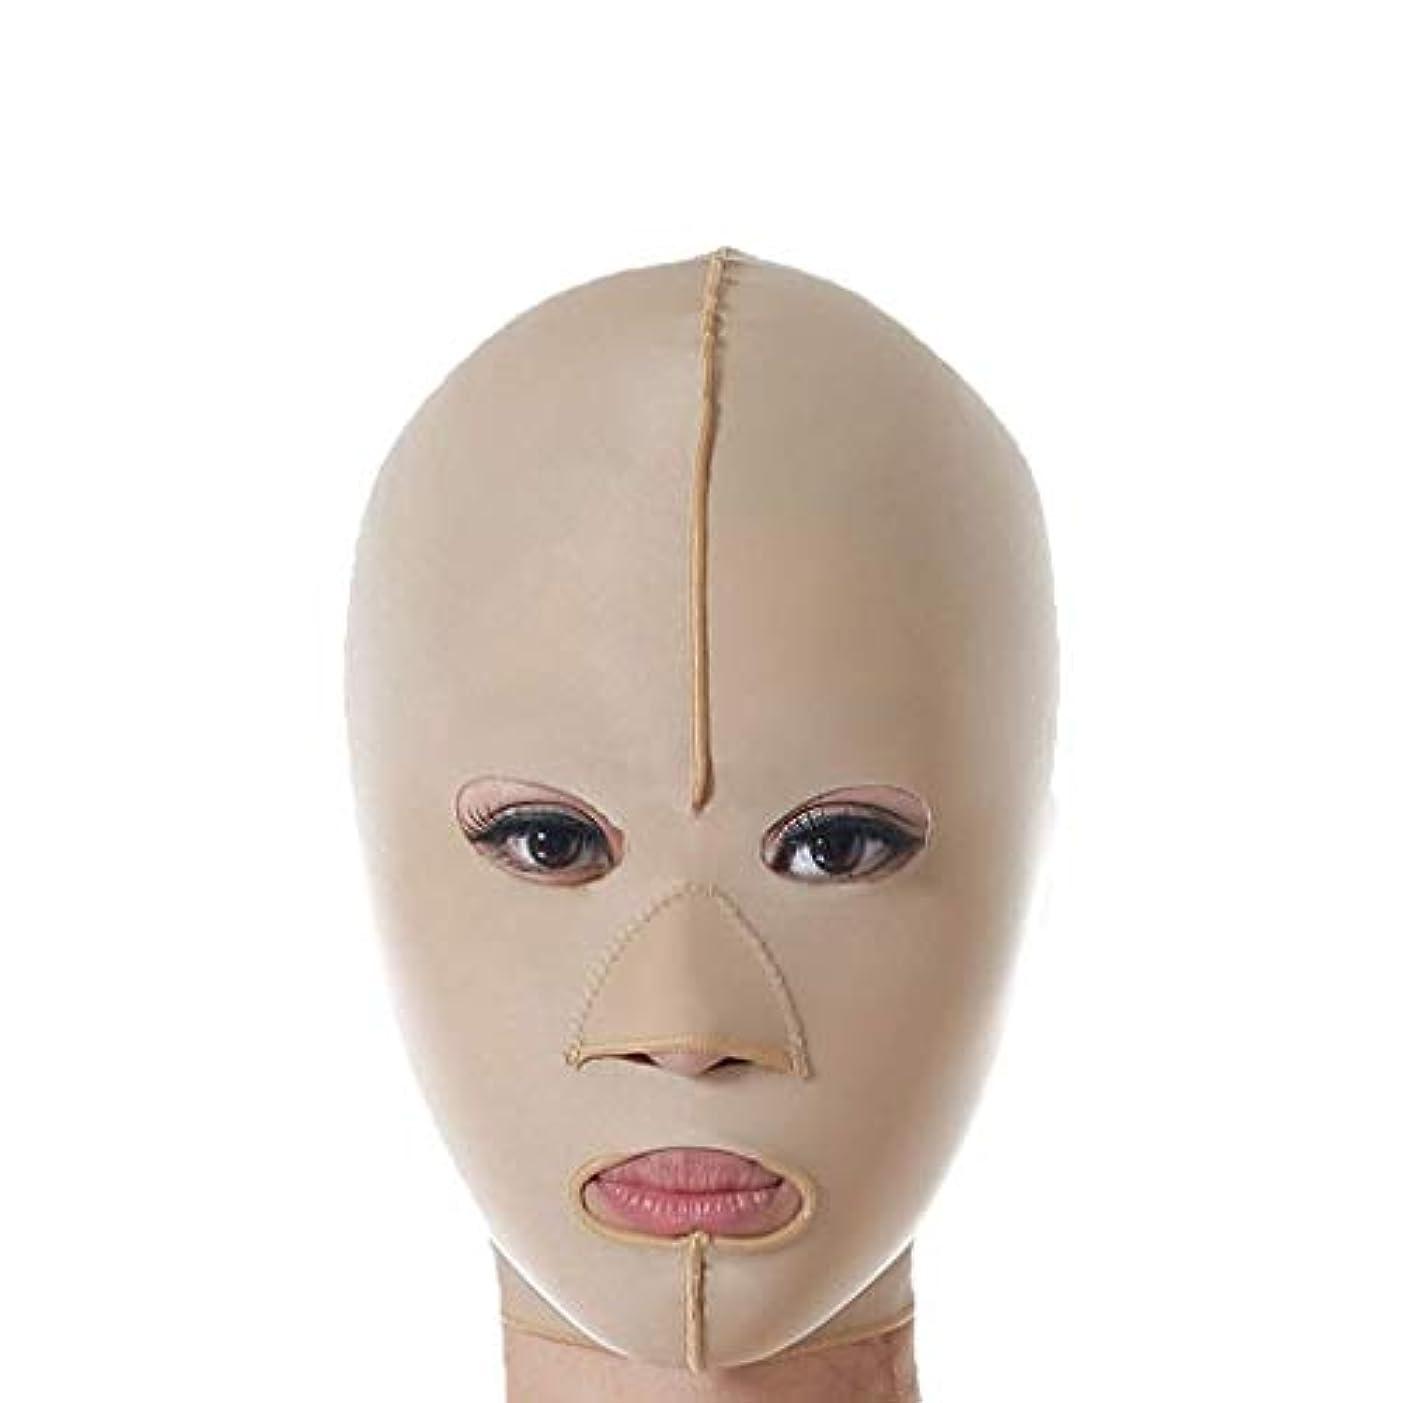 機転ナイロン個人的に減量フェイスマスク、リフティング包帯、スリムフェイスリフトリフティングベルト、フェイシャル減量リフティング包帯、リフティングファーミング包帯(サイズ:XL),XL